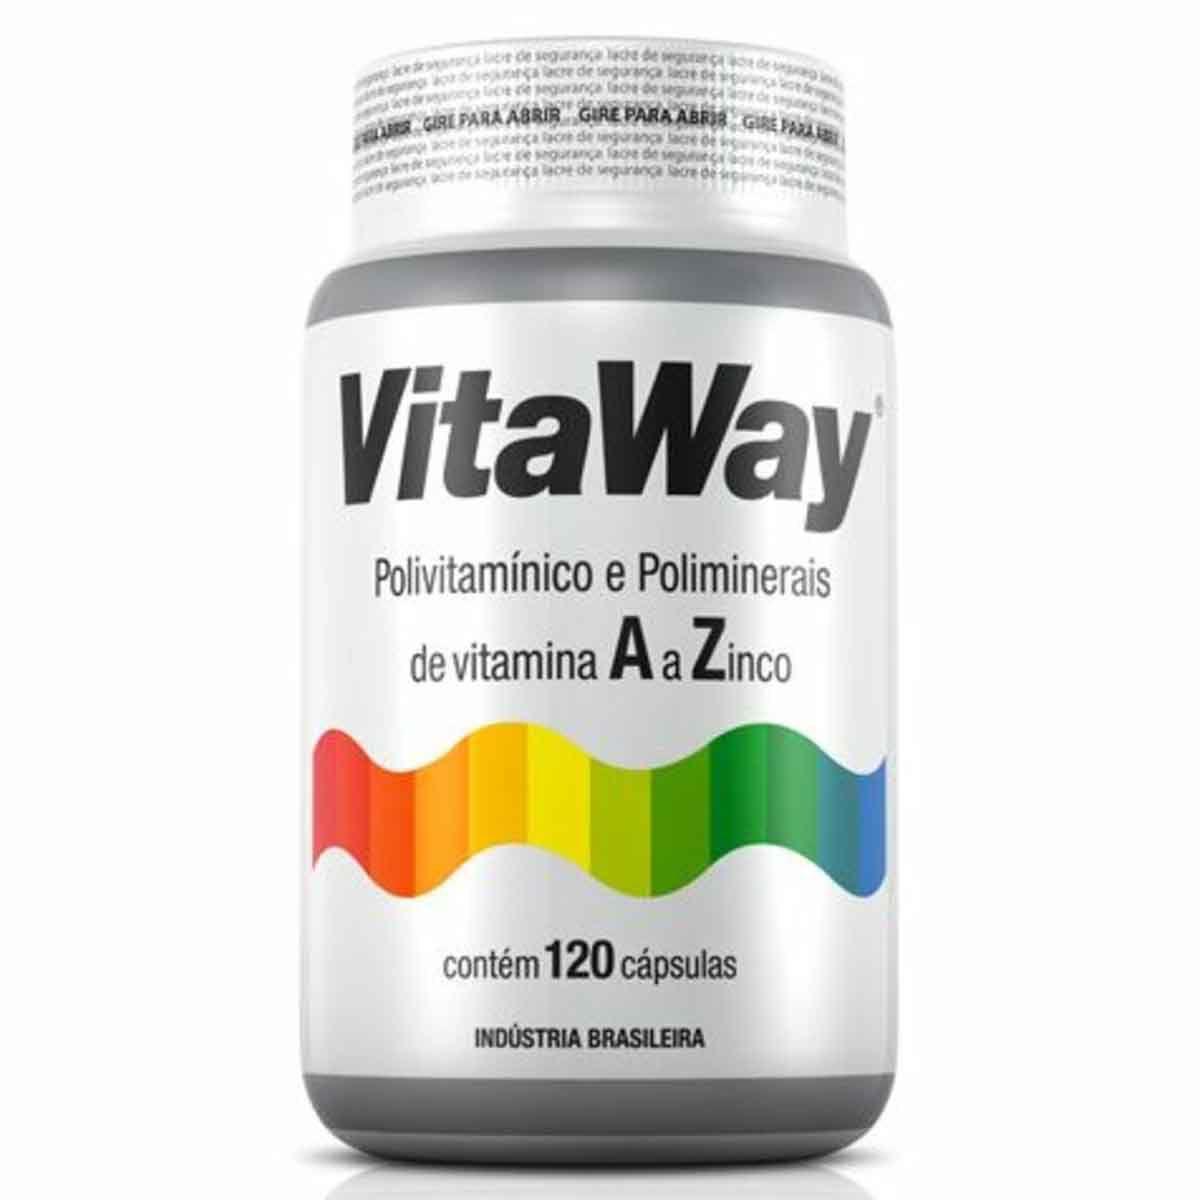 Vitaway 120 Cápsulas - Fitoway